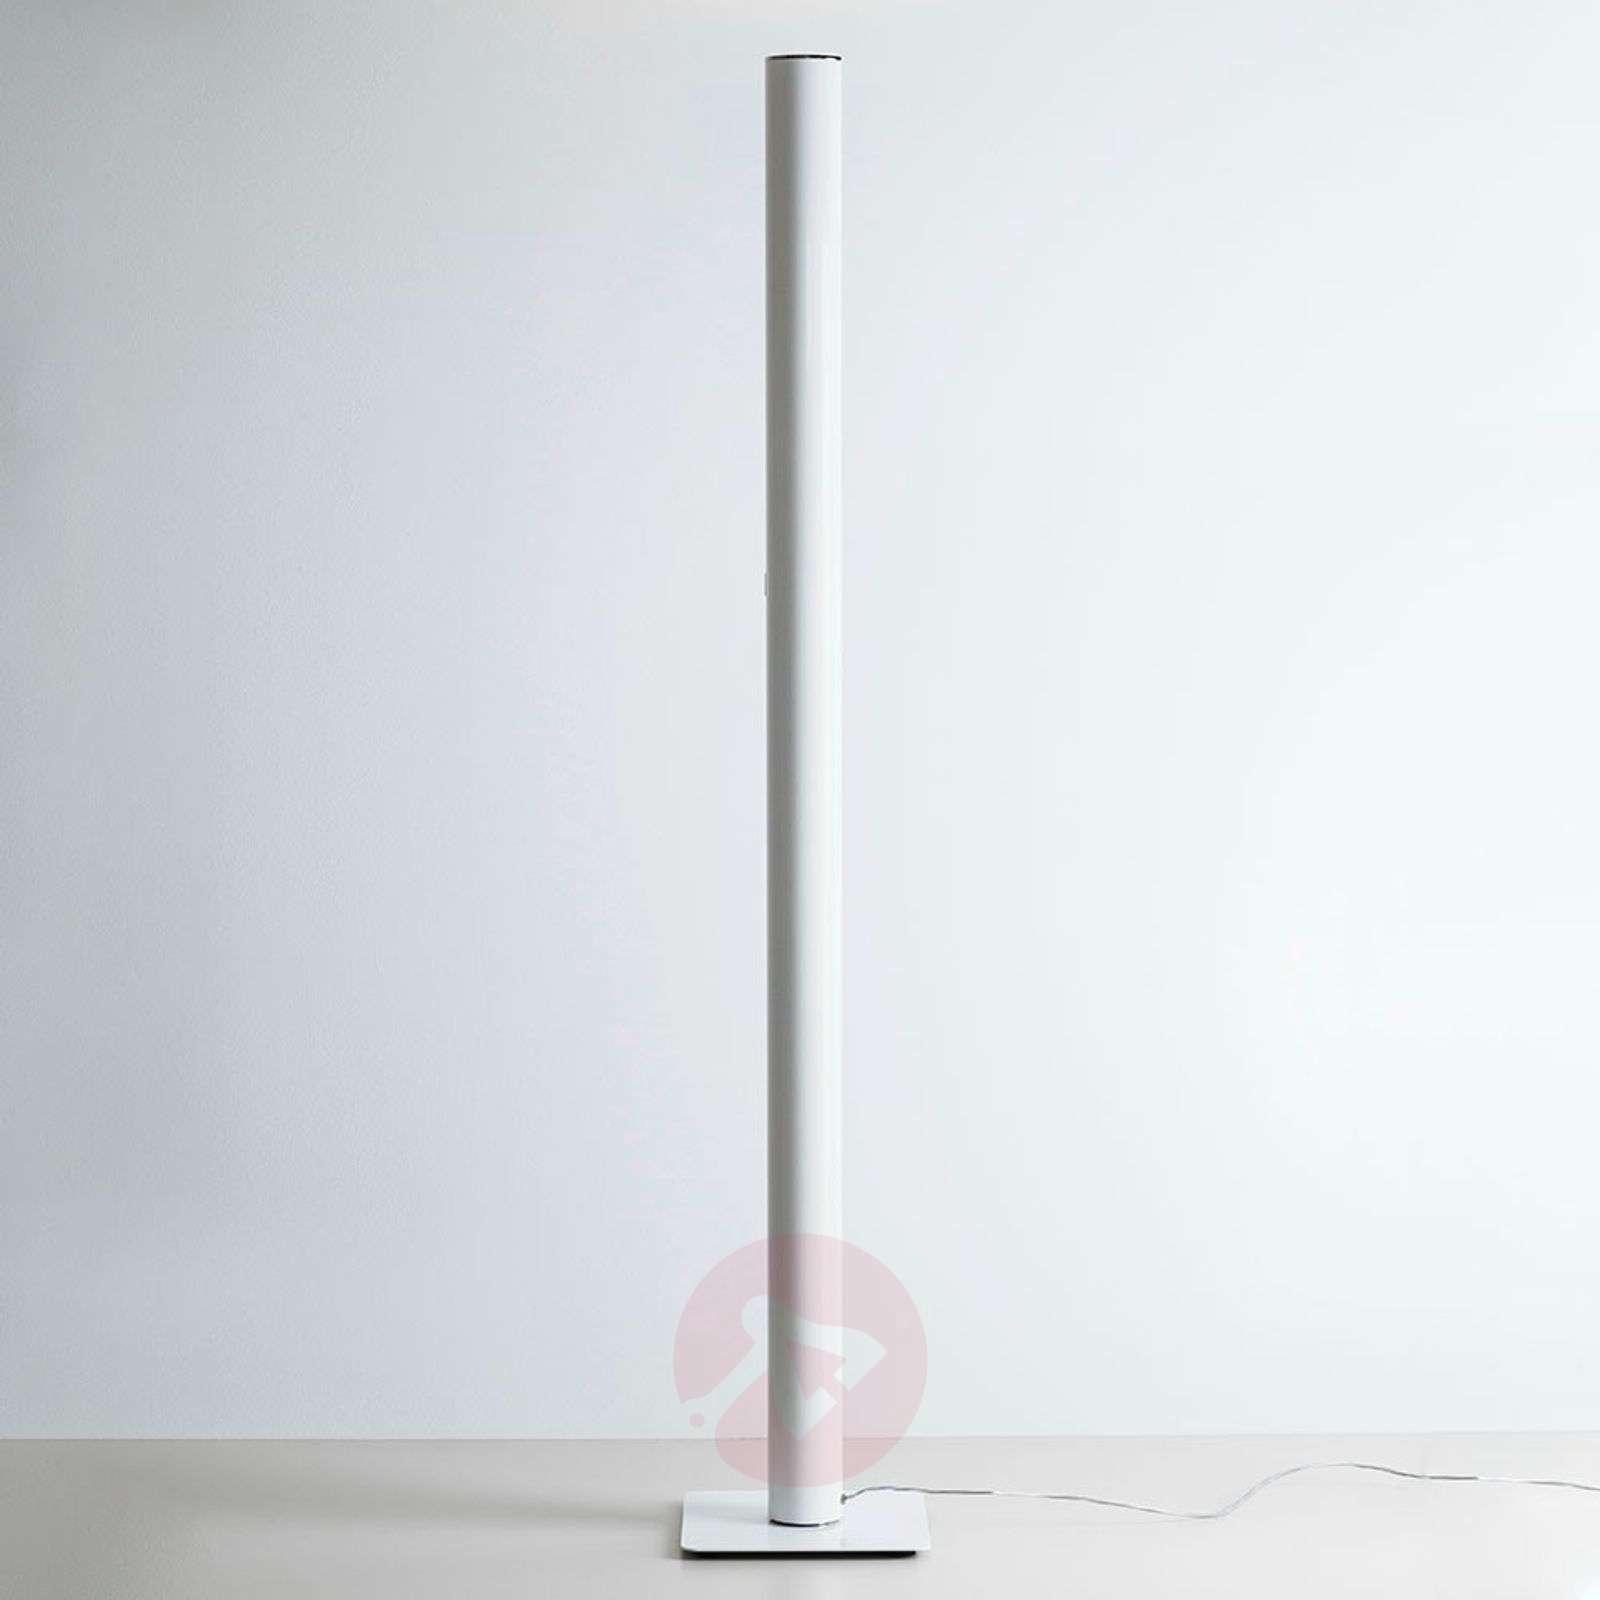 Artemide Ilio LED-lattiavalo sovellusyhteensopiva-1060308X-01